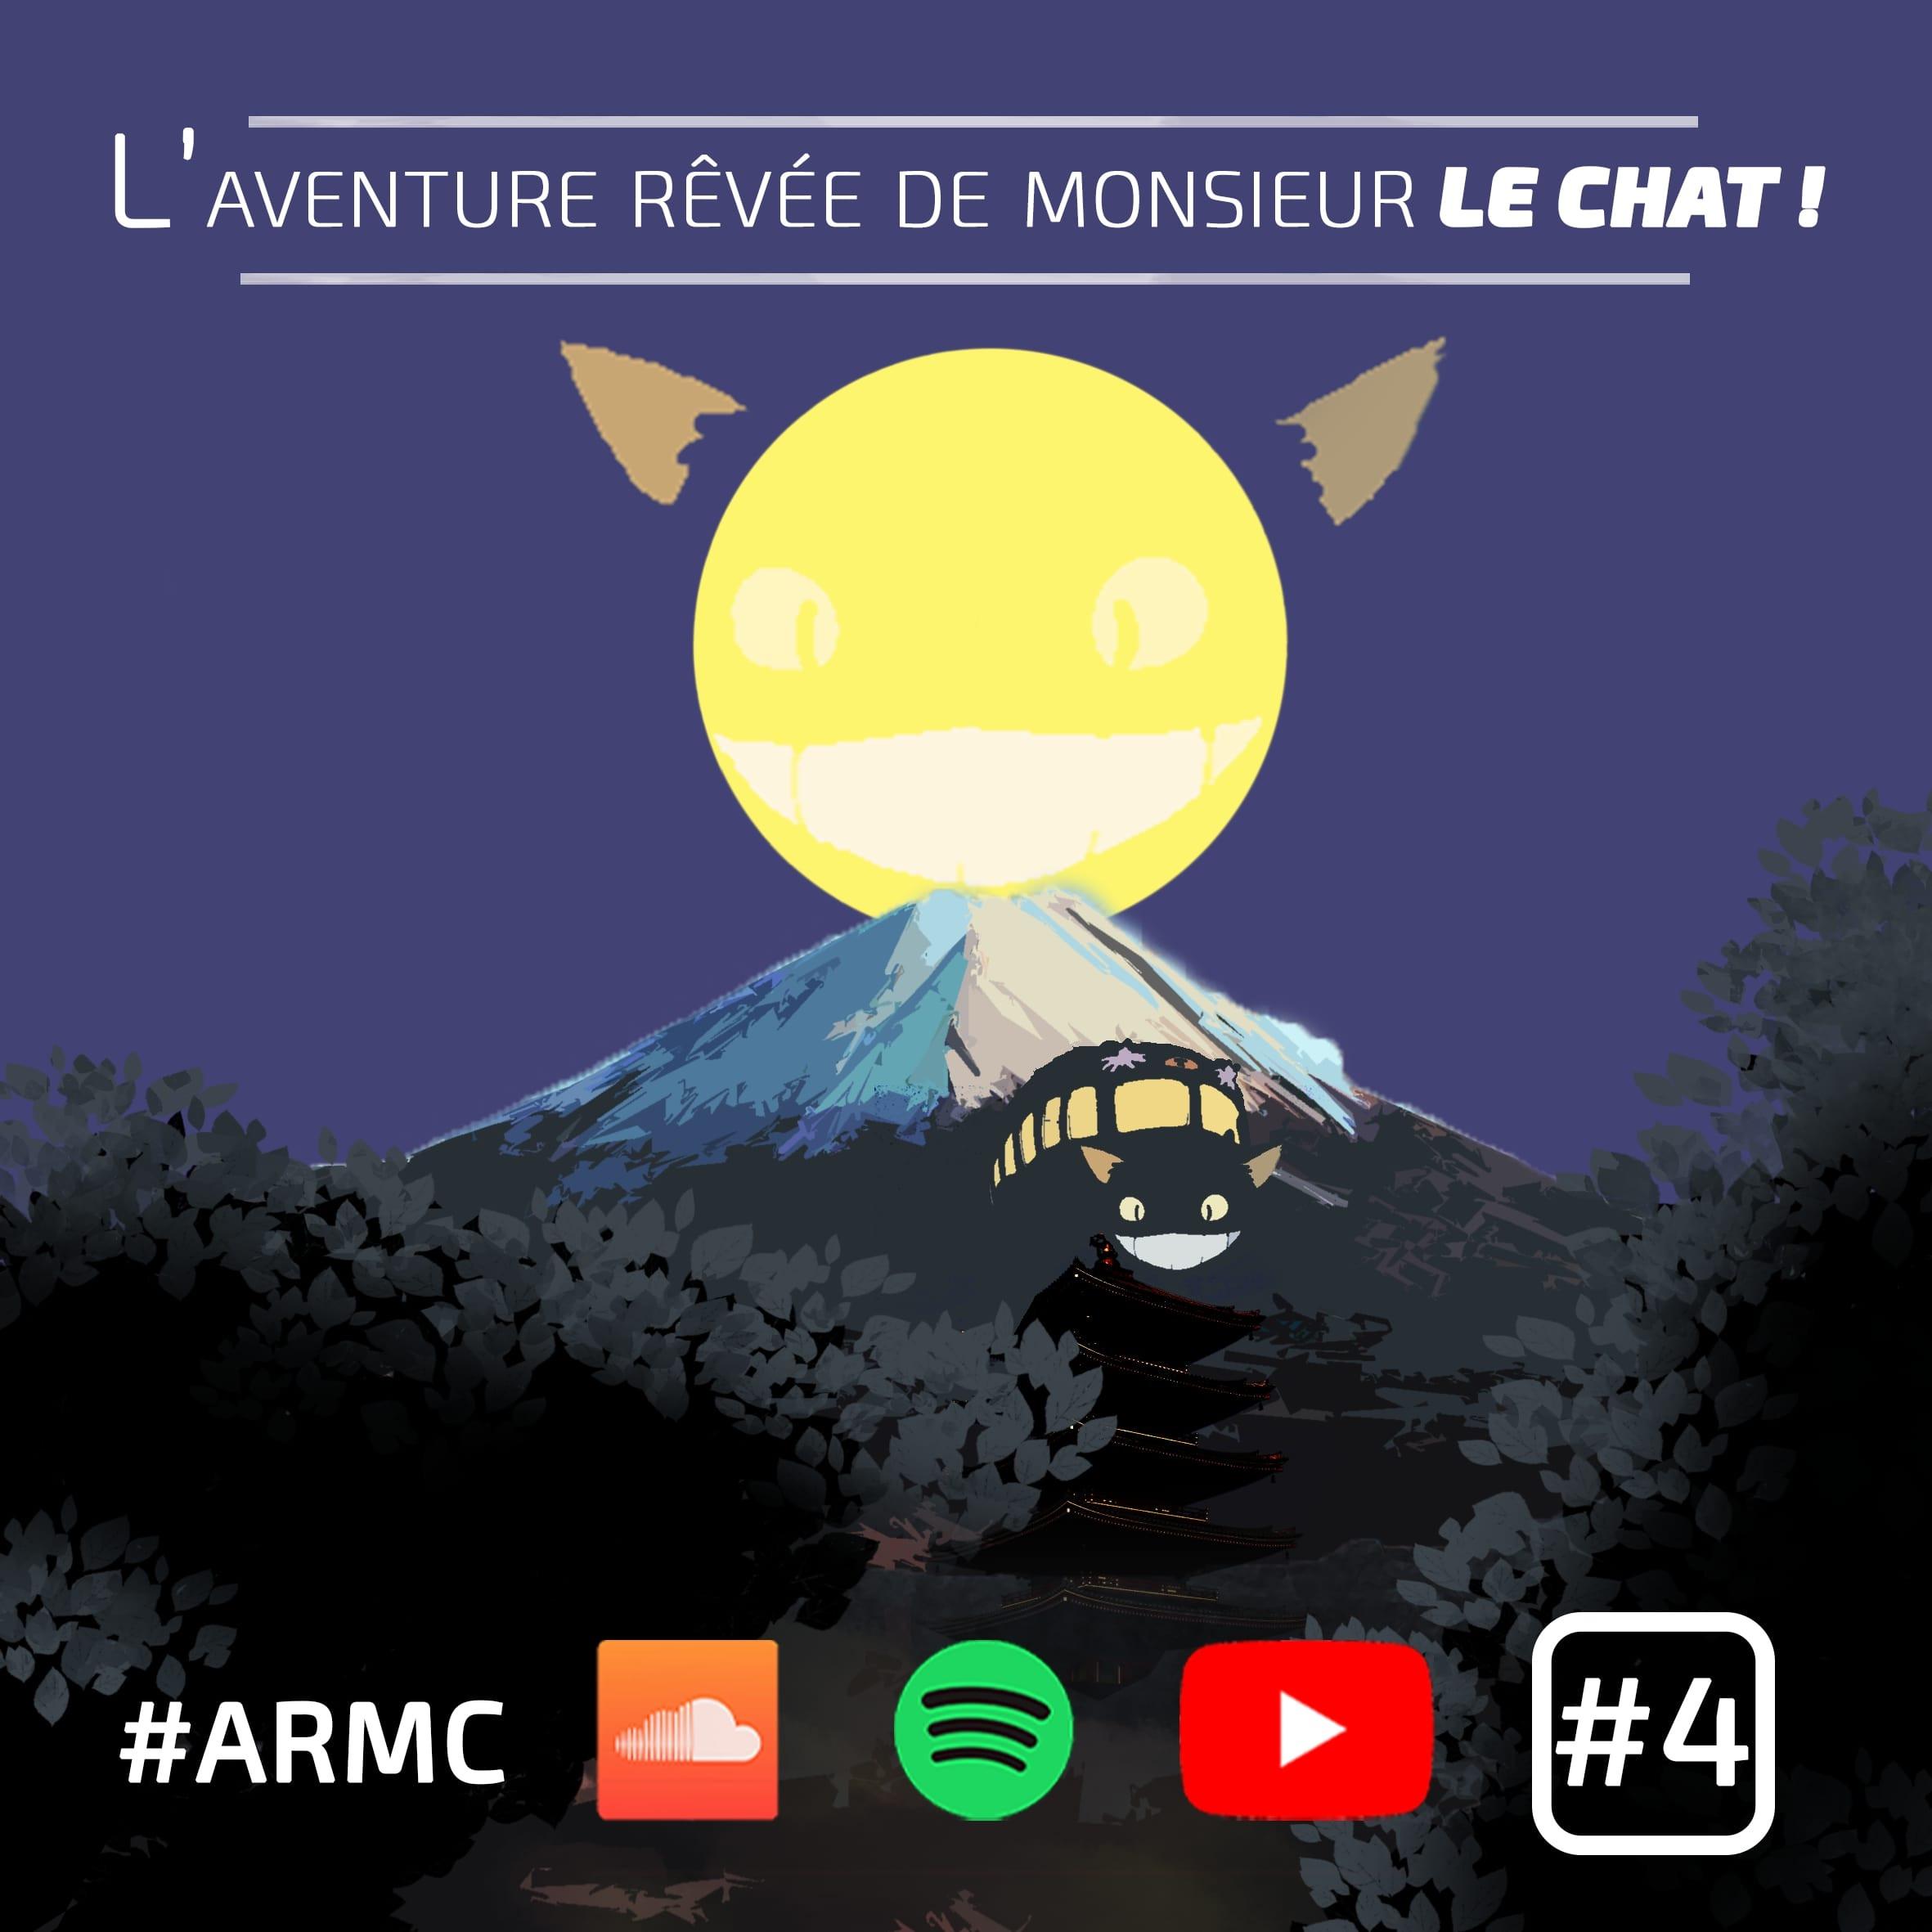 L'aventure rêvée de Monsieur LE CHAT : Dernier épisode.